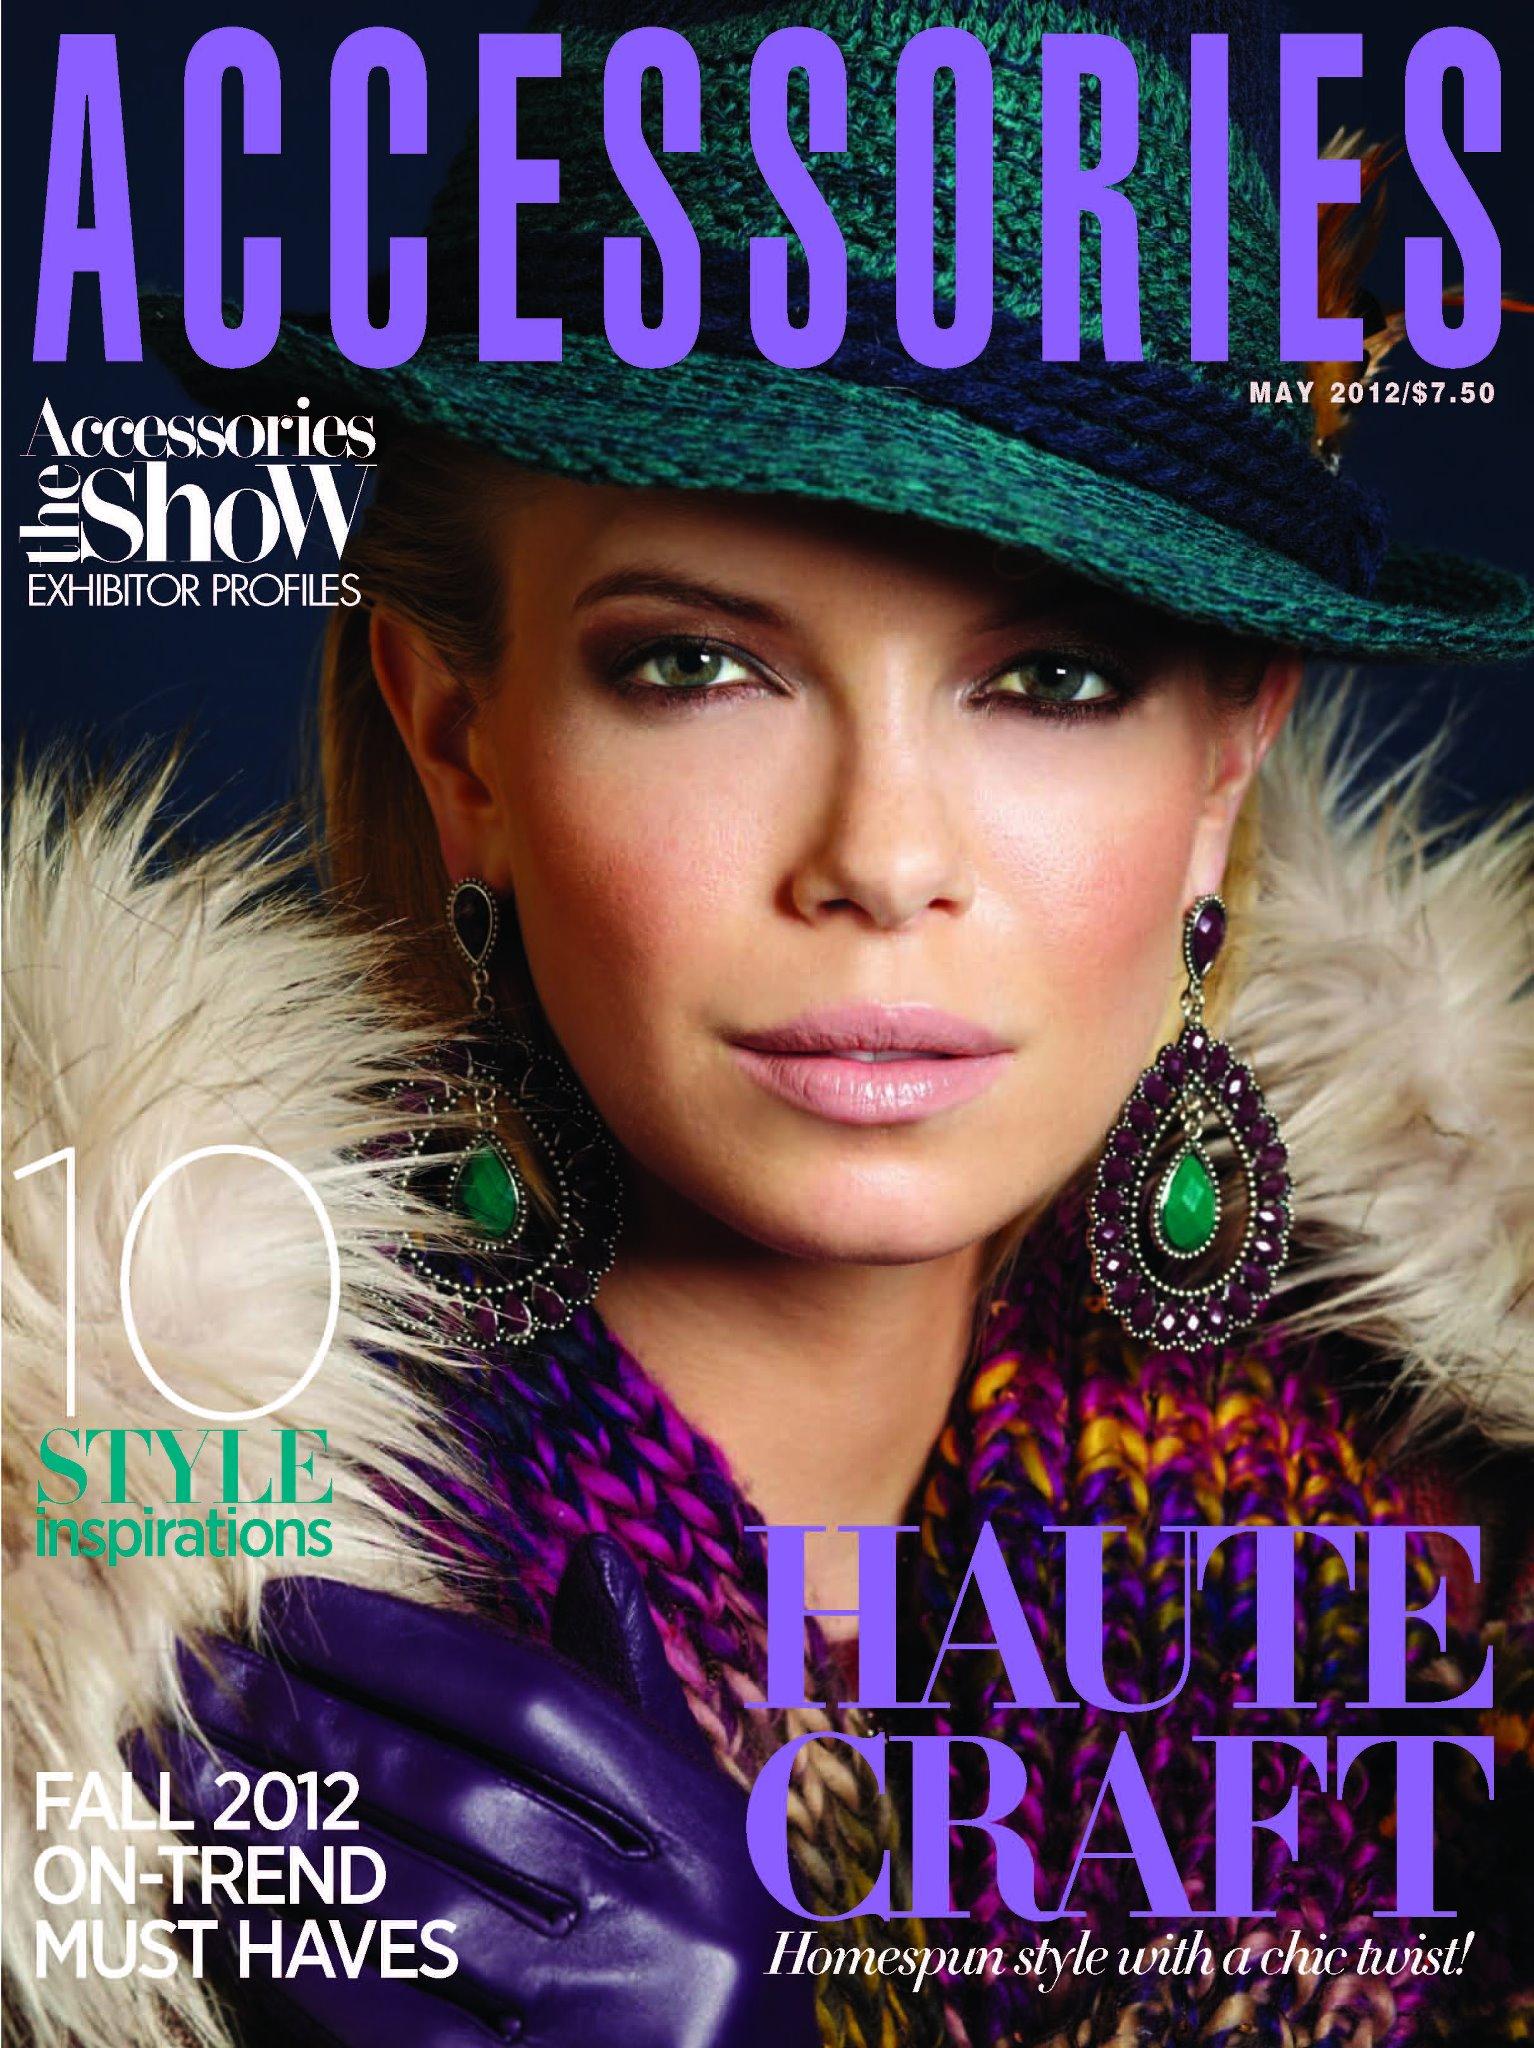 AccessoriesMagazine2.jpg